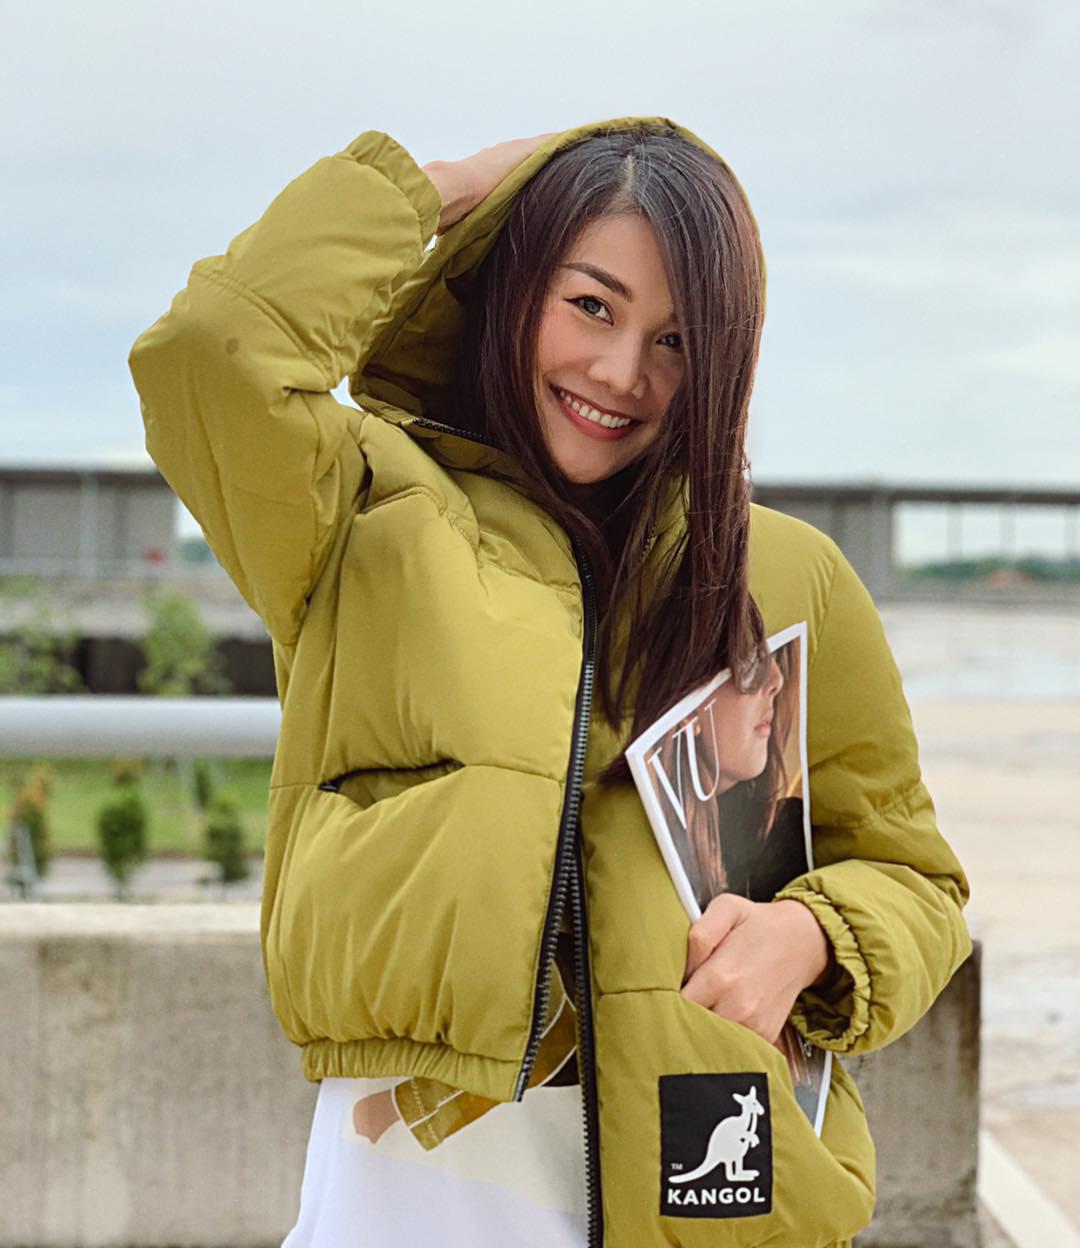 Ra bến xe, Thanh Hằng gây tò mò khi diện áo khoác phao to sụ chẳng khác gì giữa mùa đông.